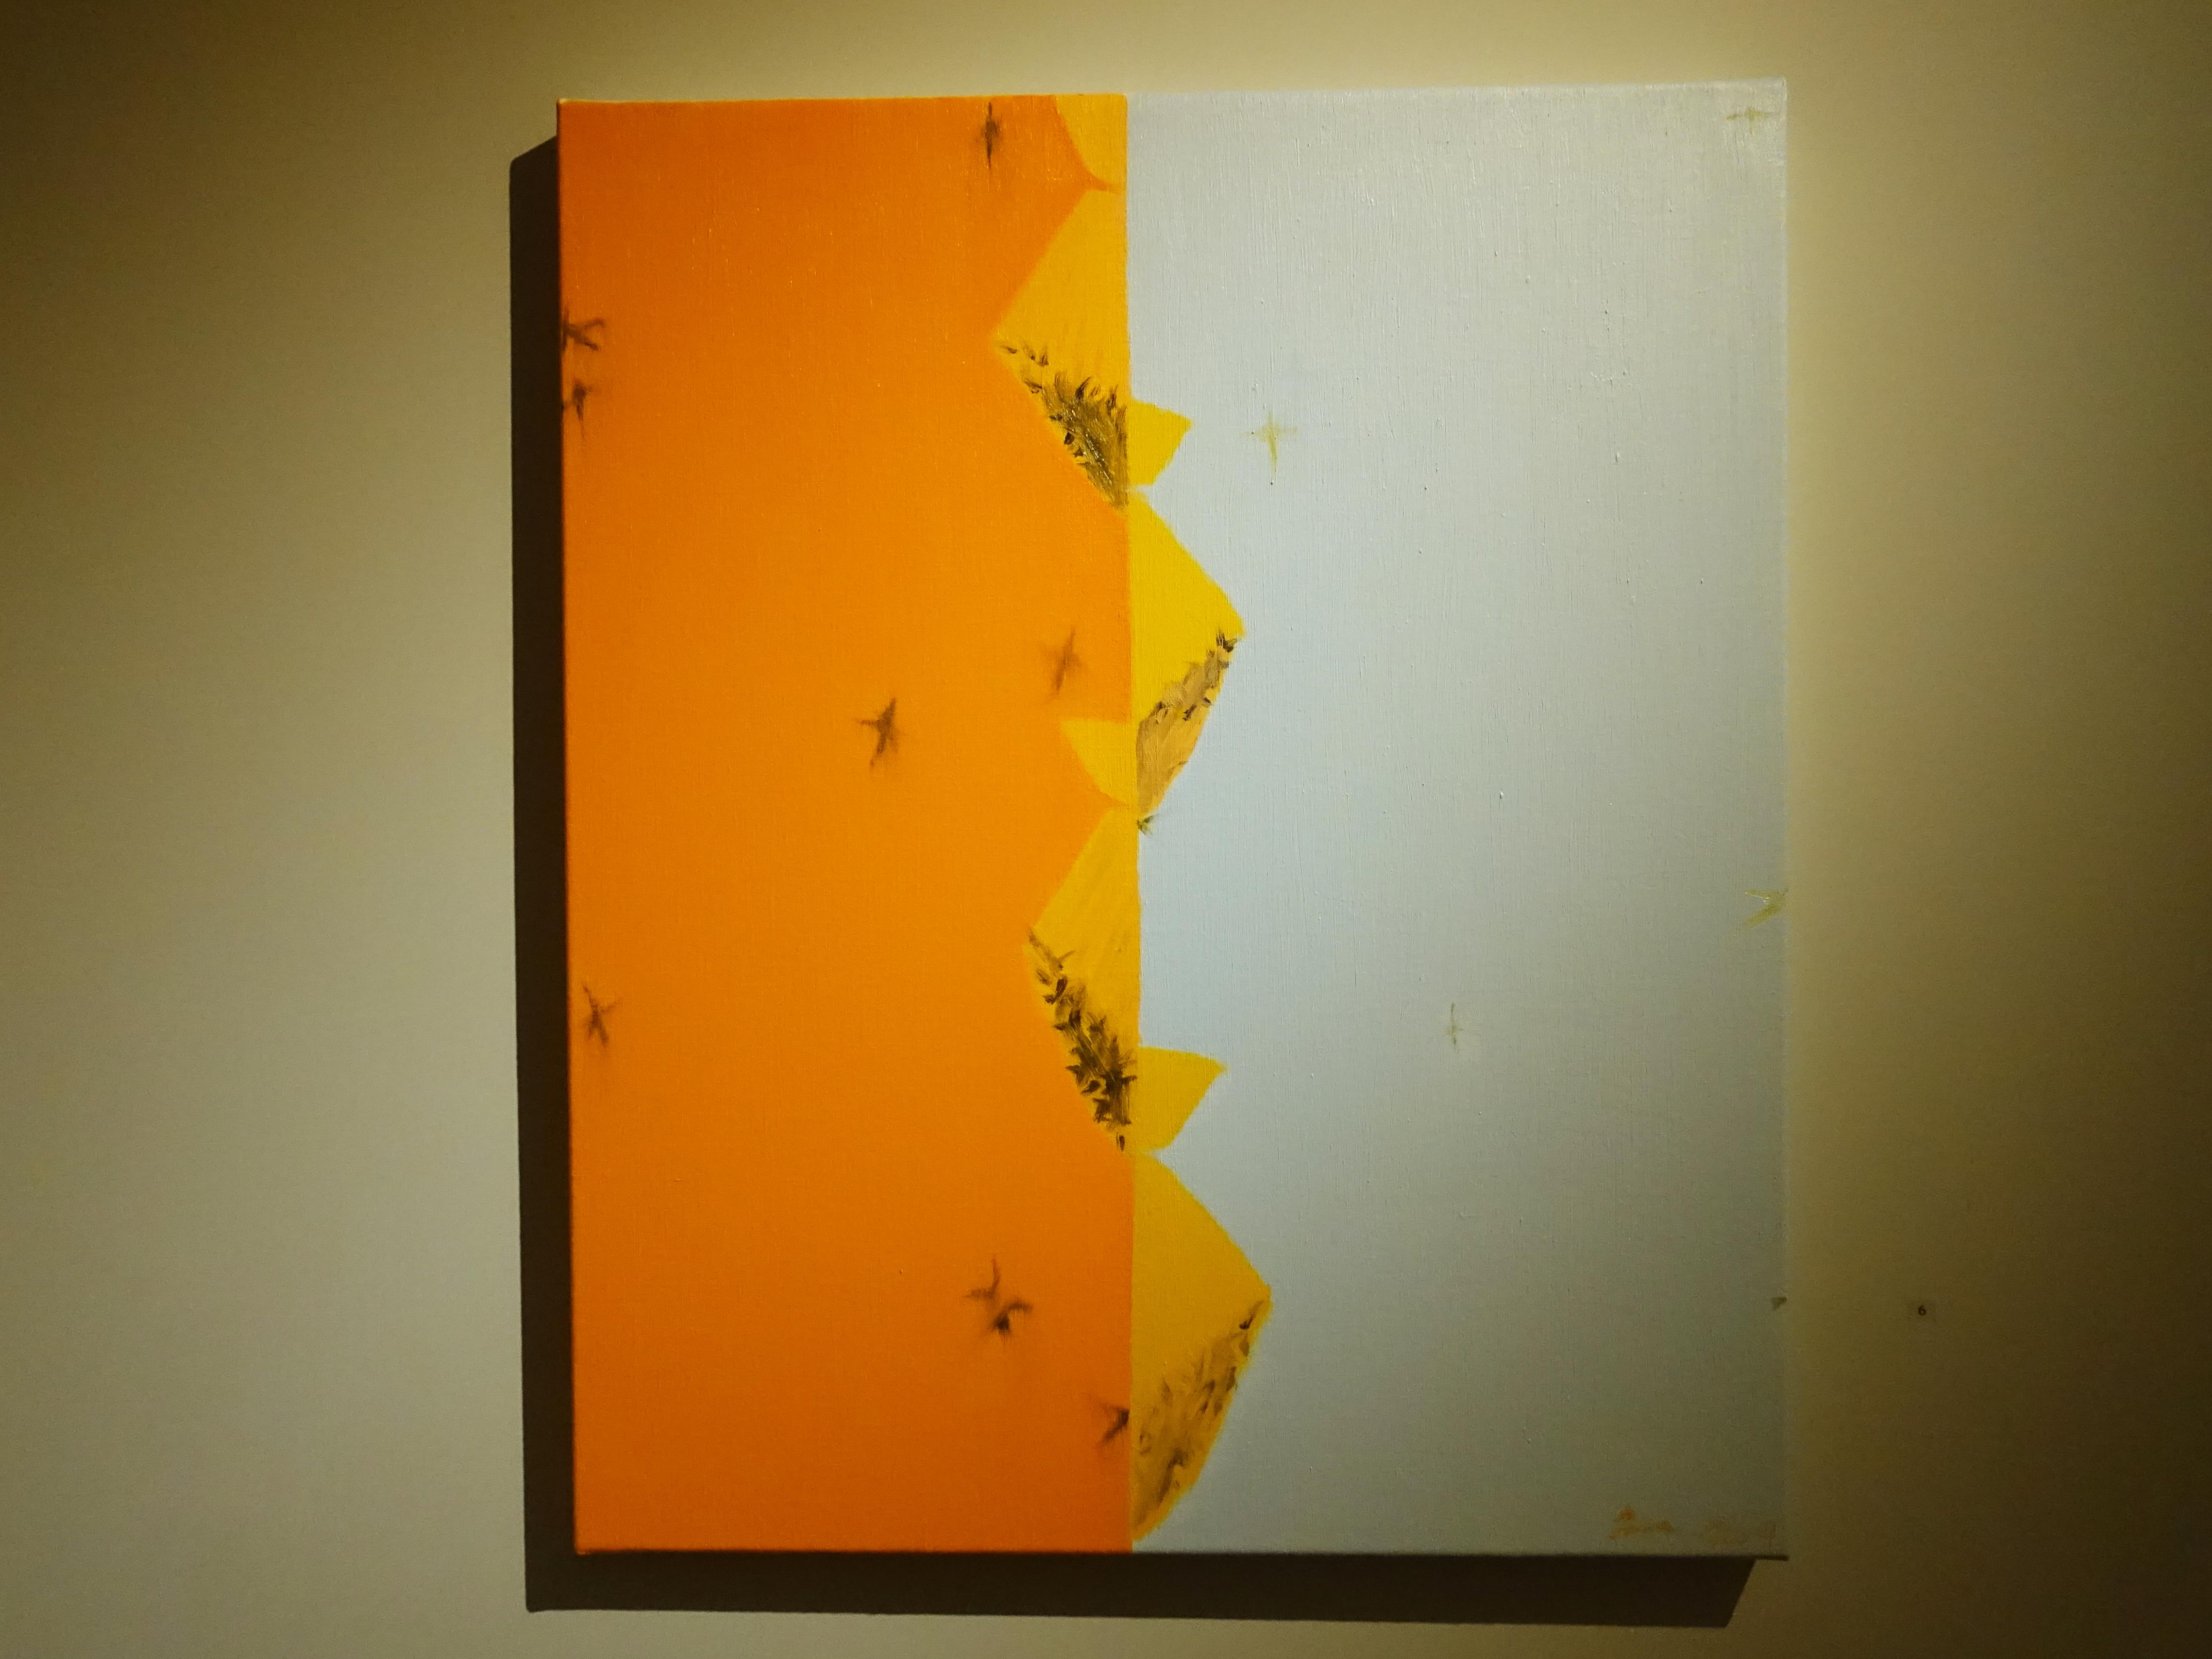 劉永仁,《游移疆界之四》,72.5x60.5cm,油彩、畫布,2019。